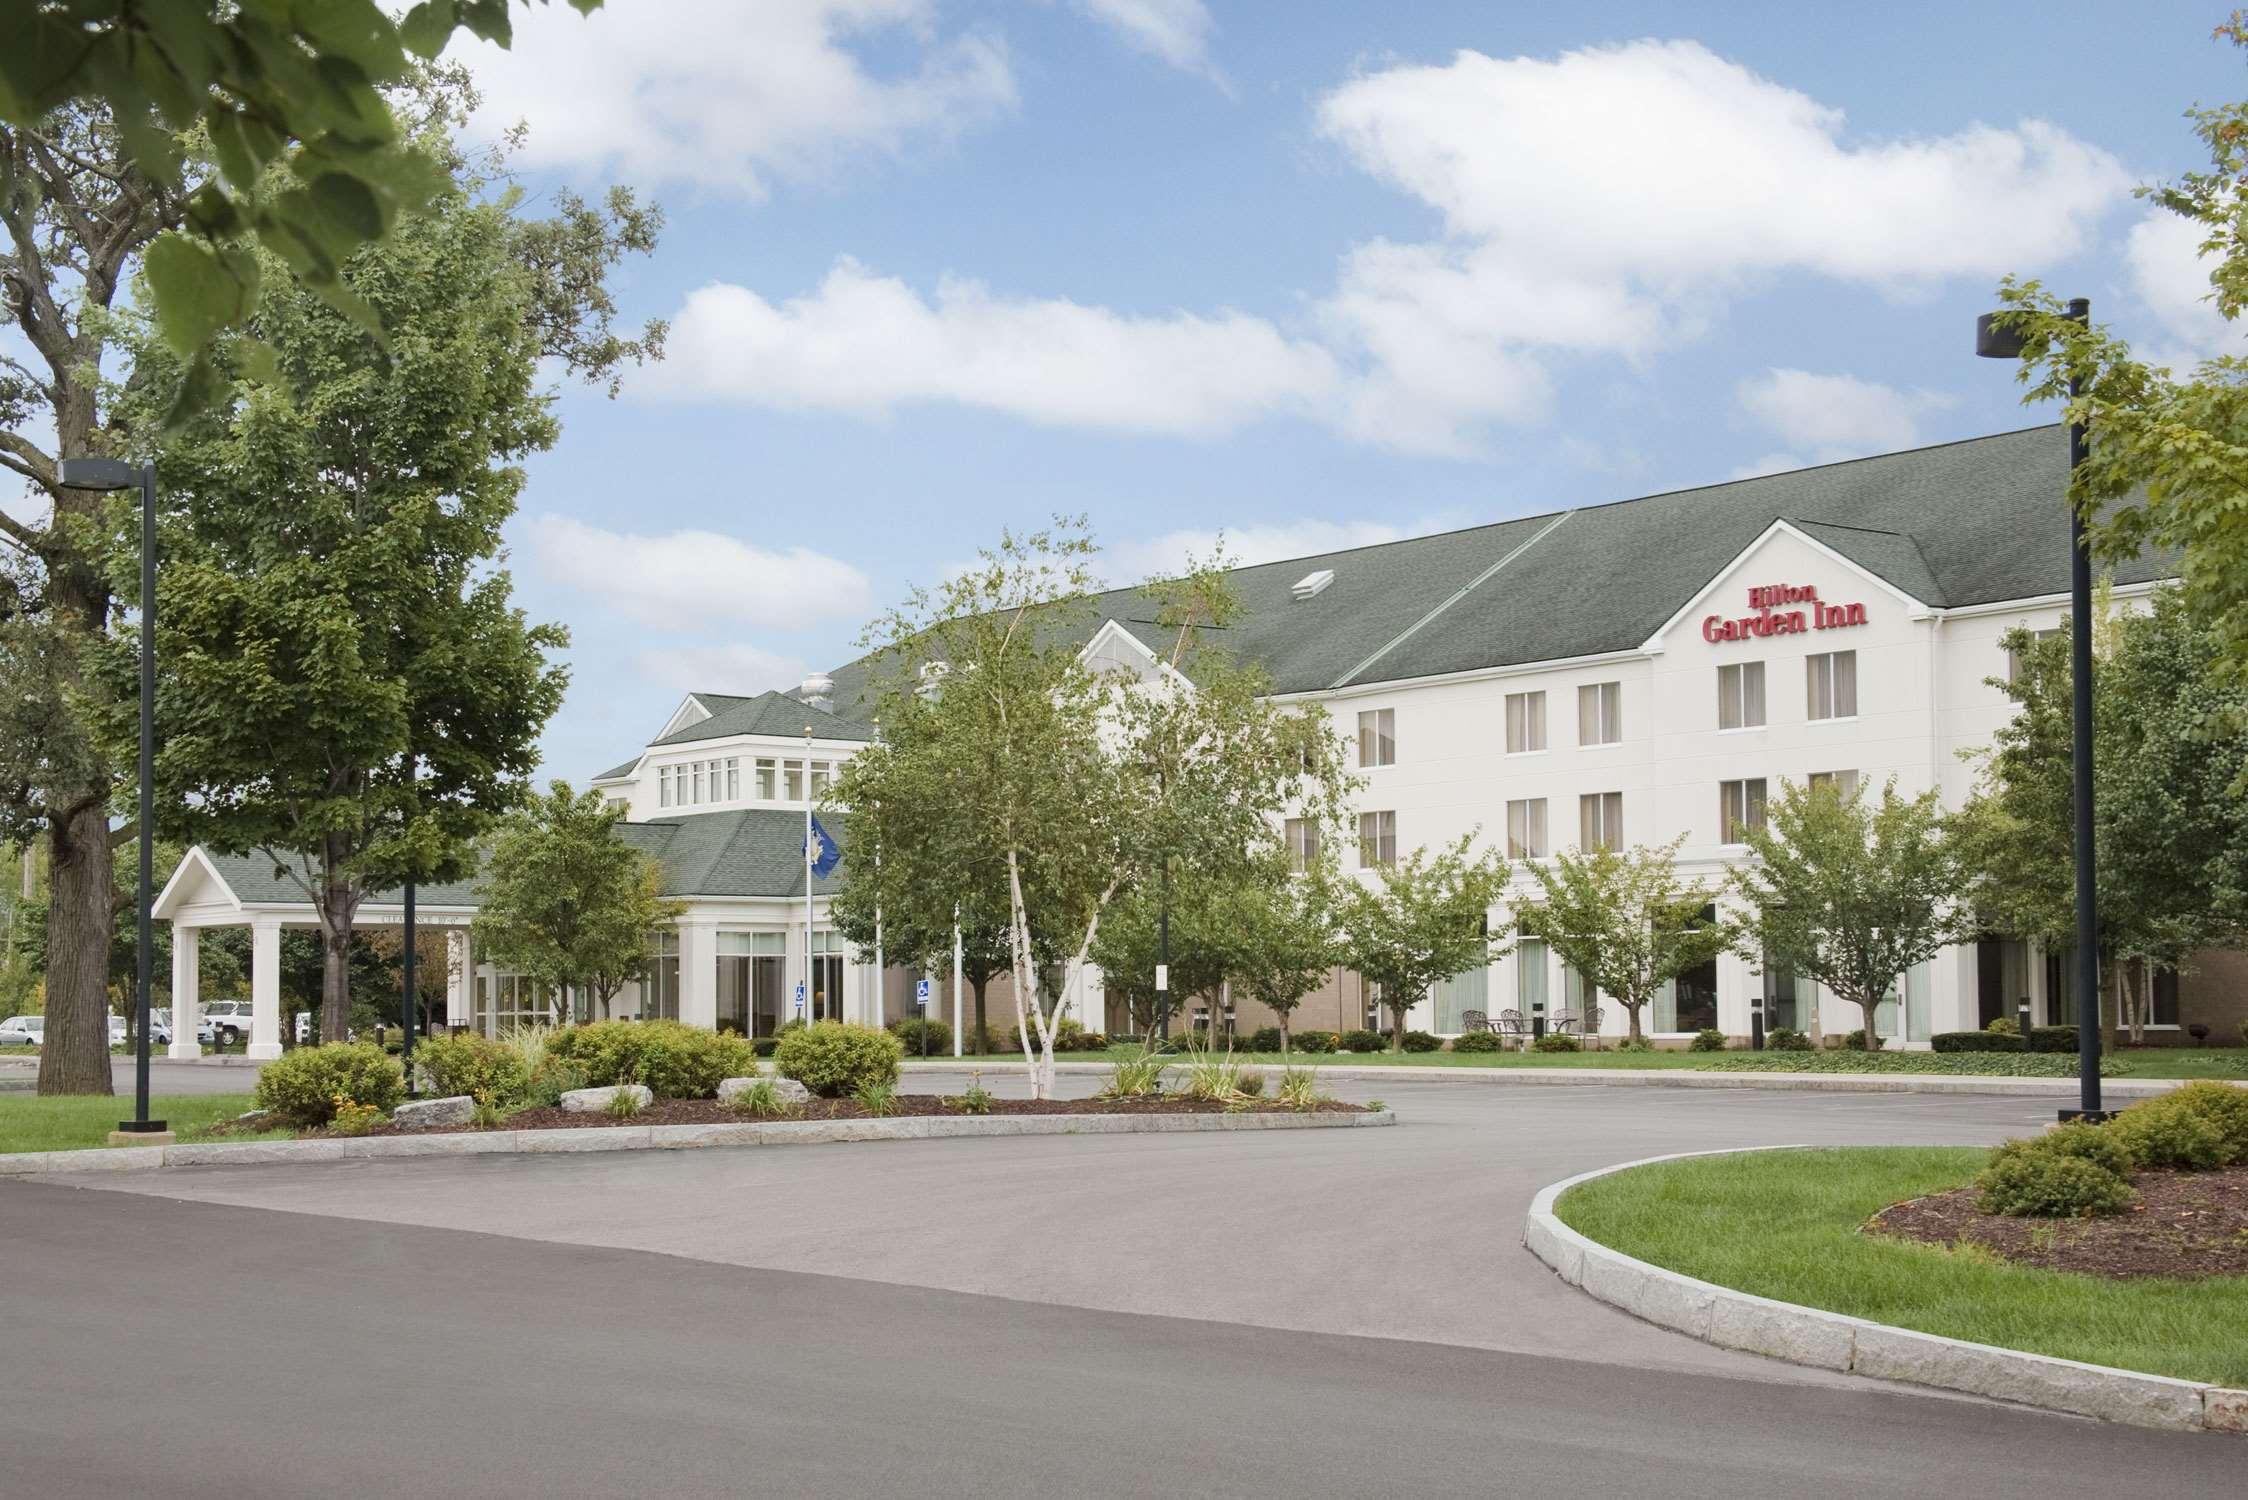 Hilton Garden Inn Syracuse image 0